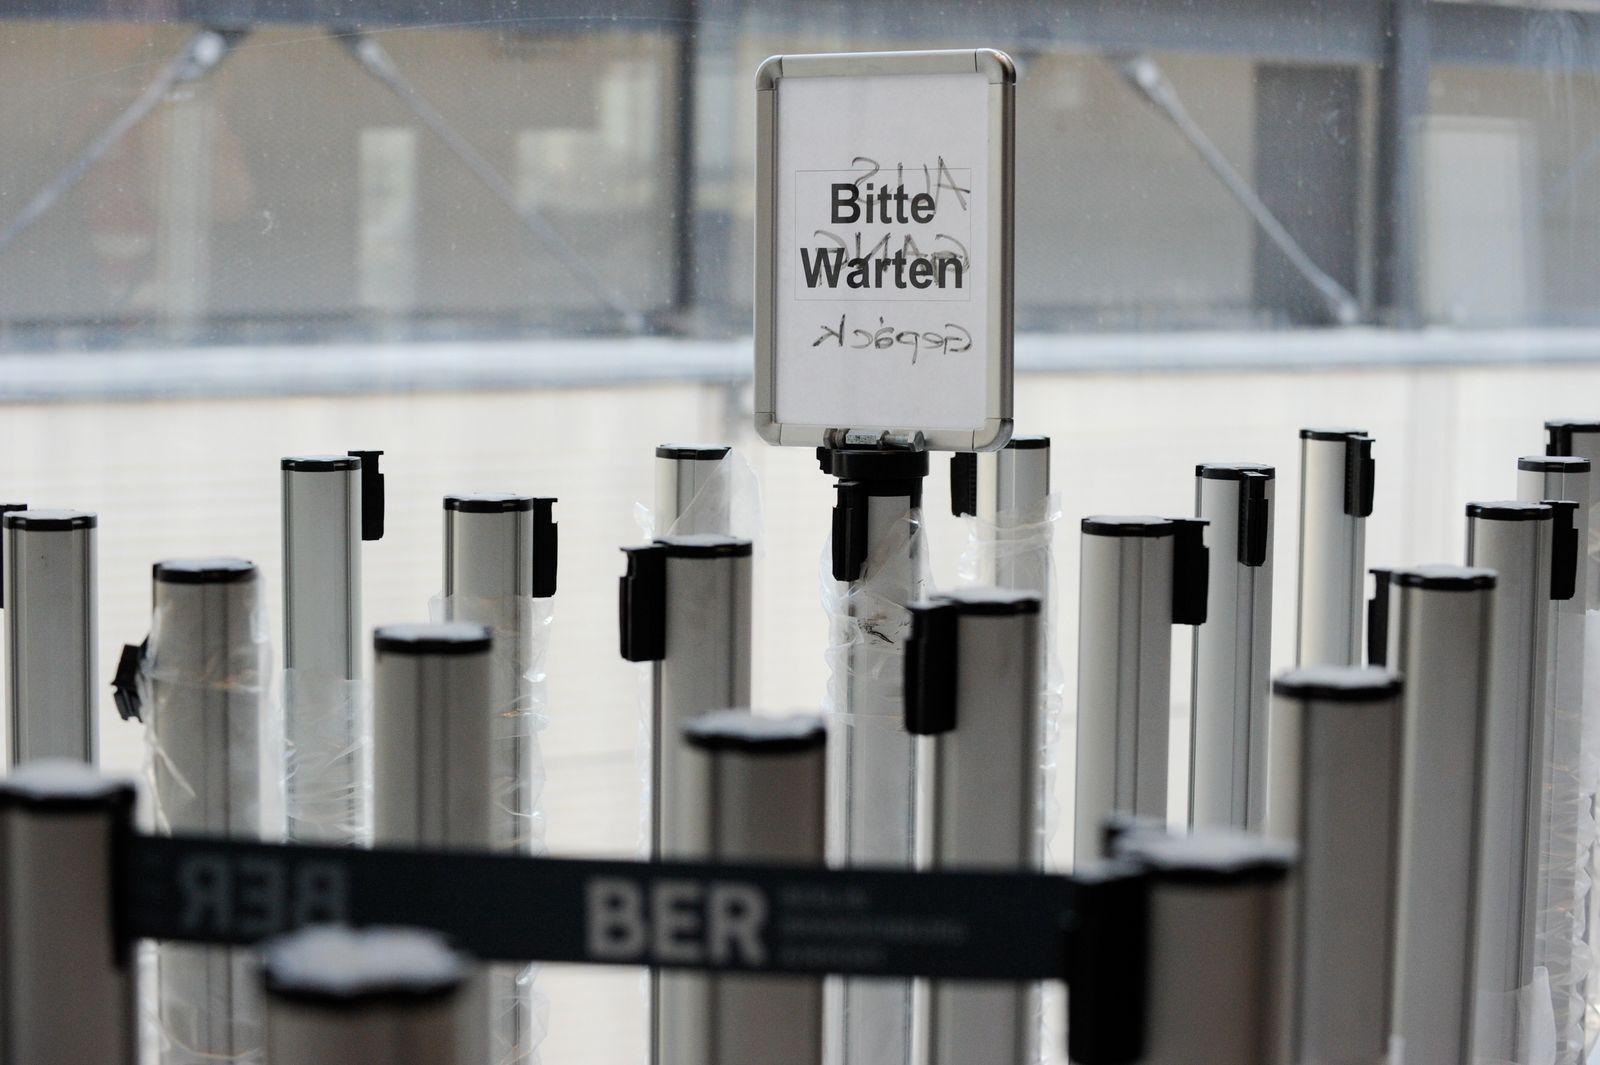 NICHT VERWENDEN Berlin Brandenburg international airport Willy Brandt